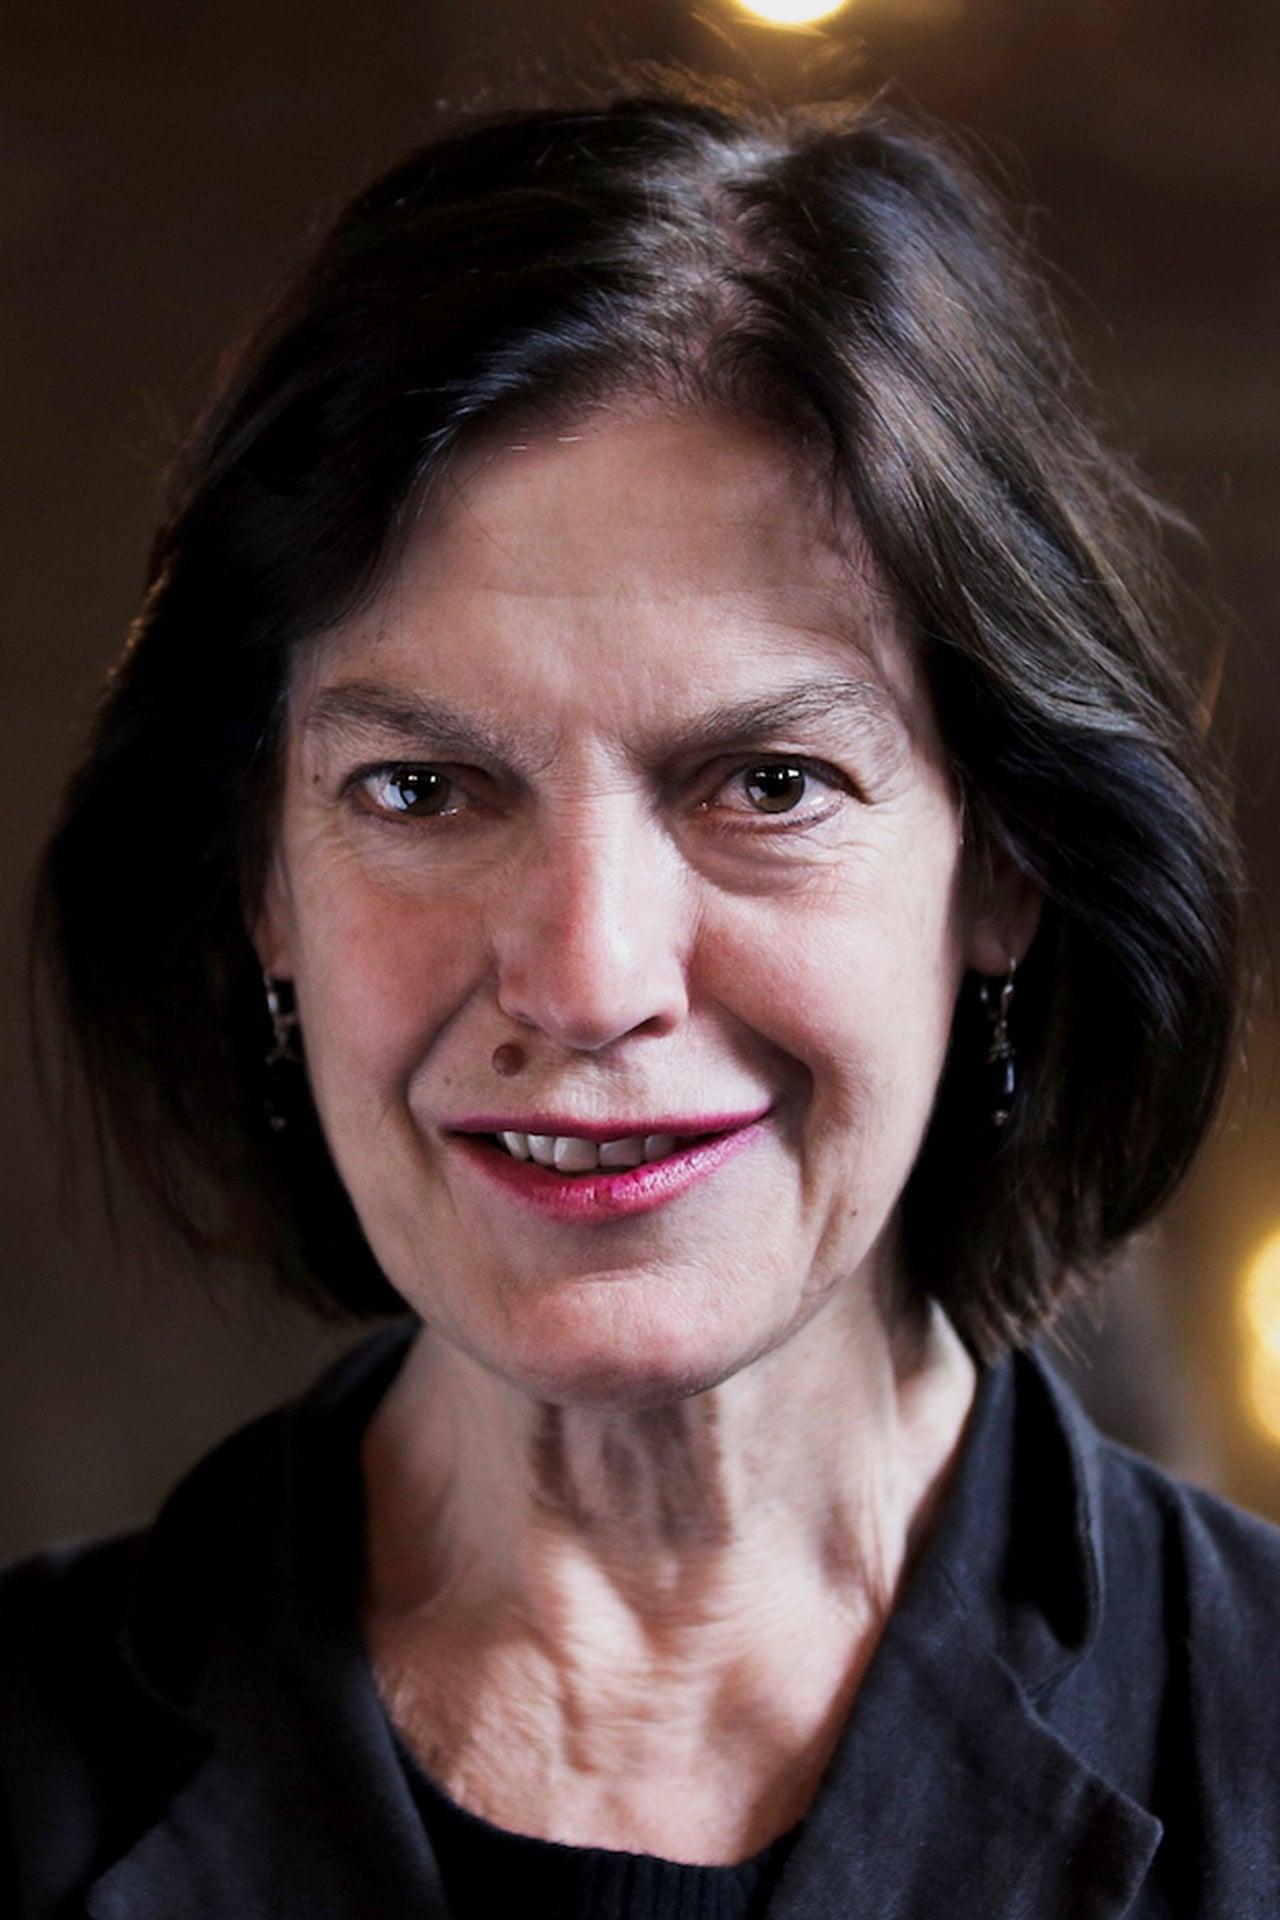 Angela Winkler isMiss Tanner